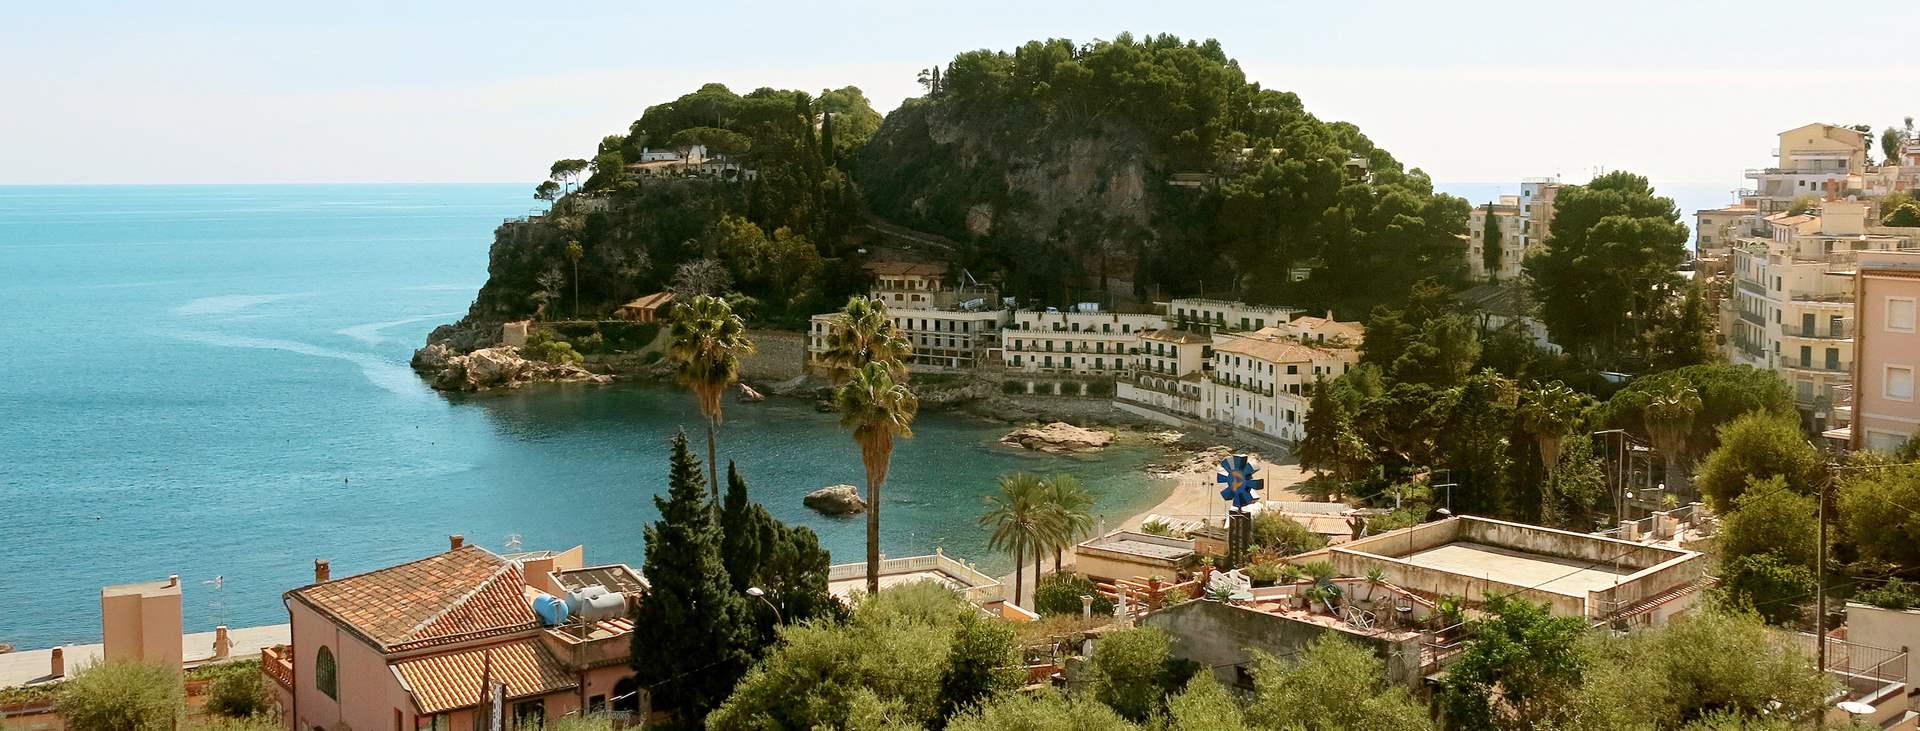 Boka din resa till Taormina på Sicilien med Ving